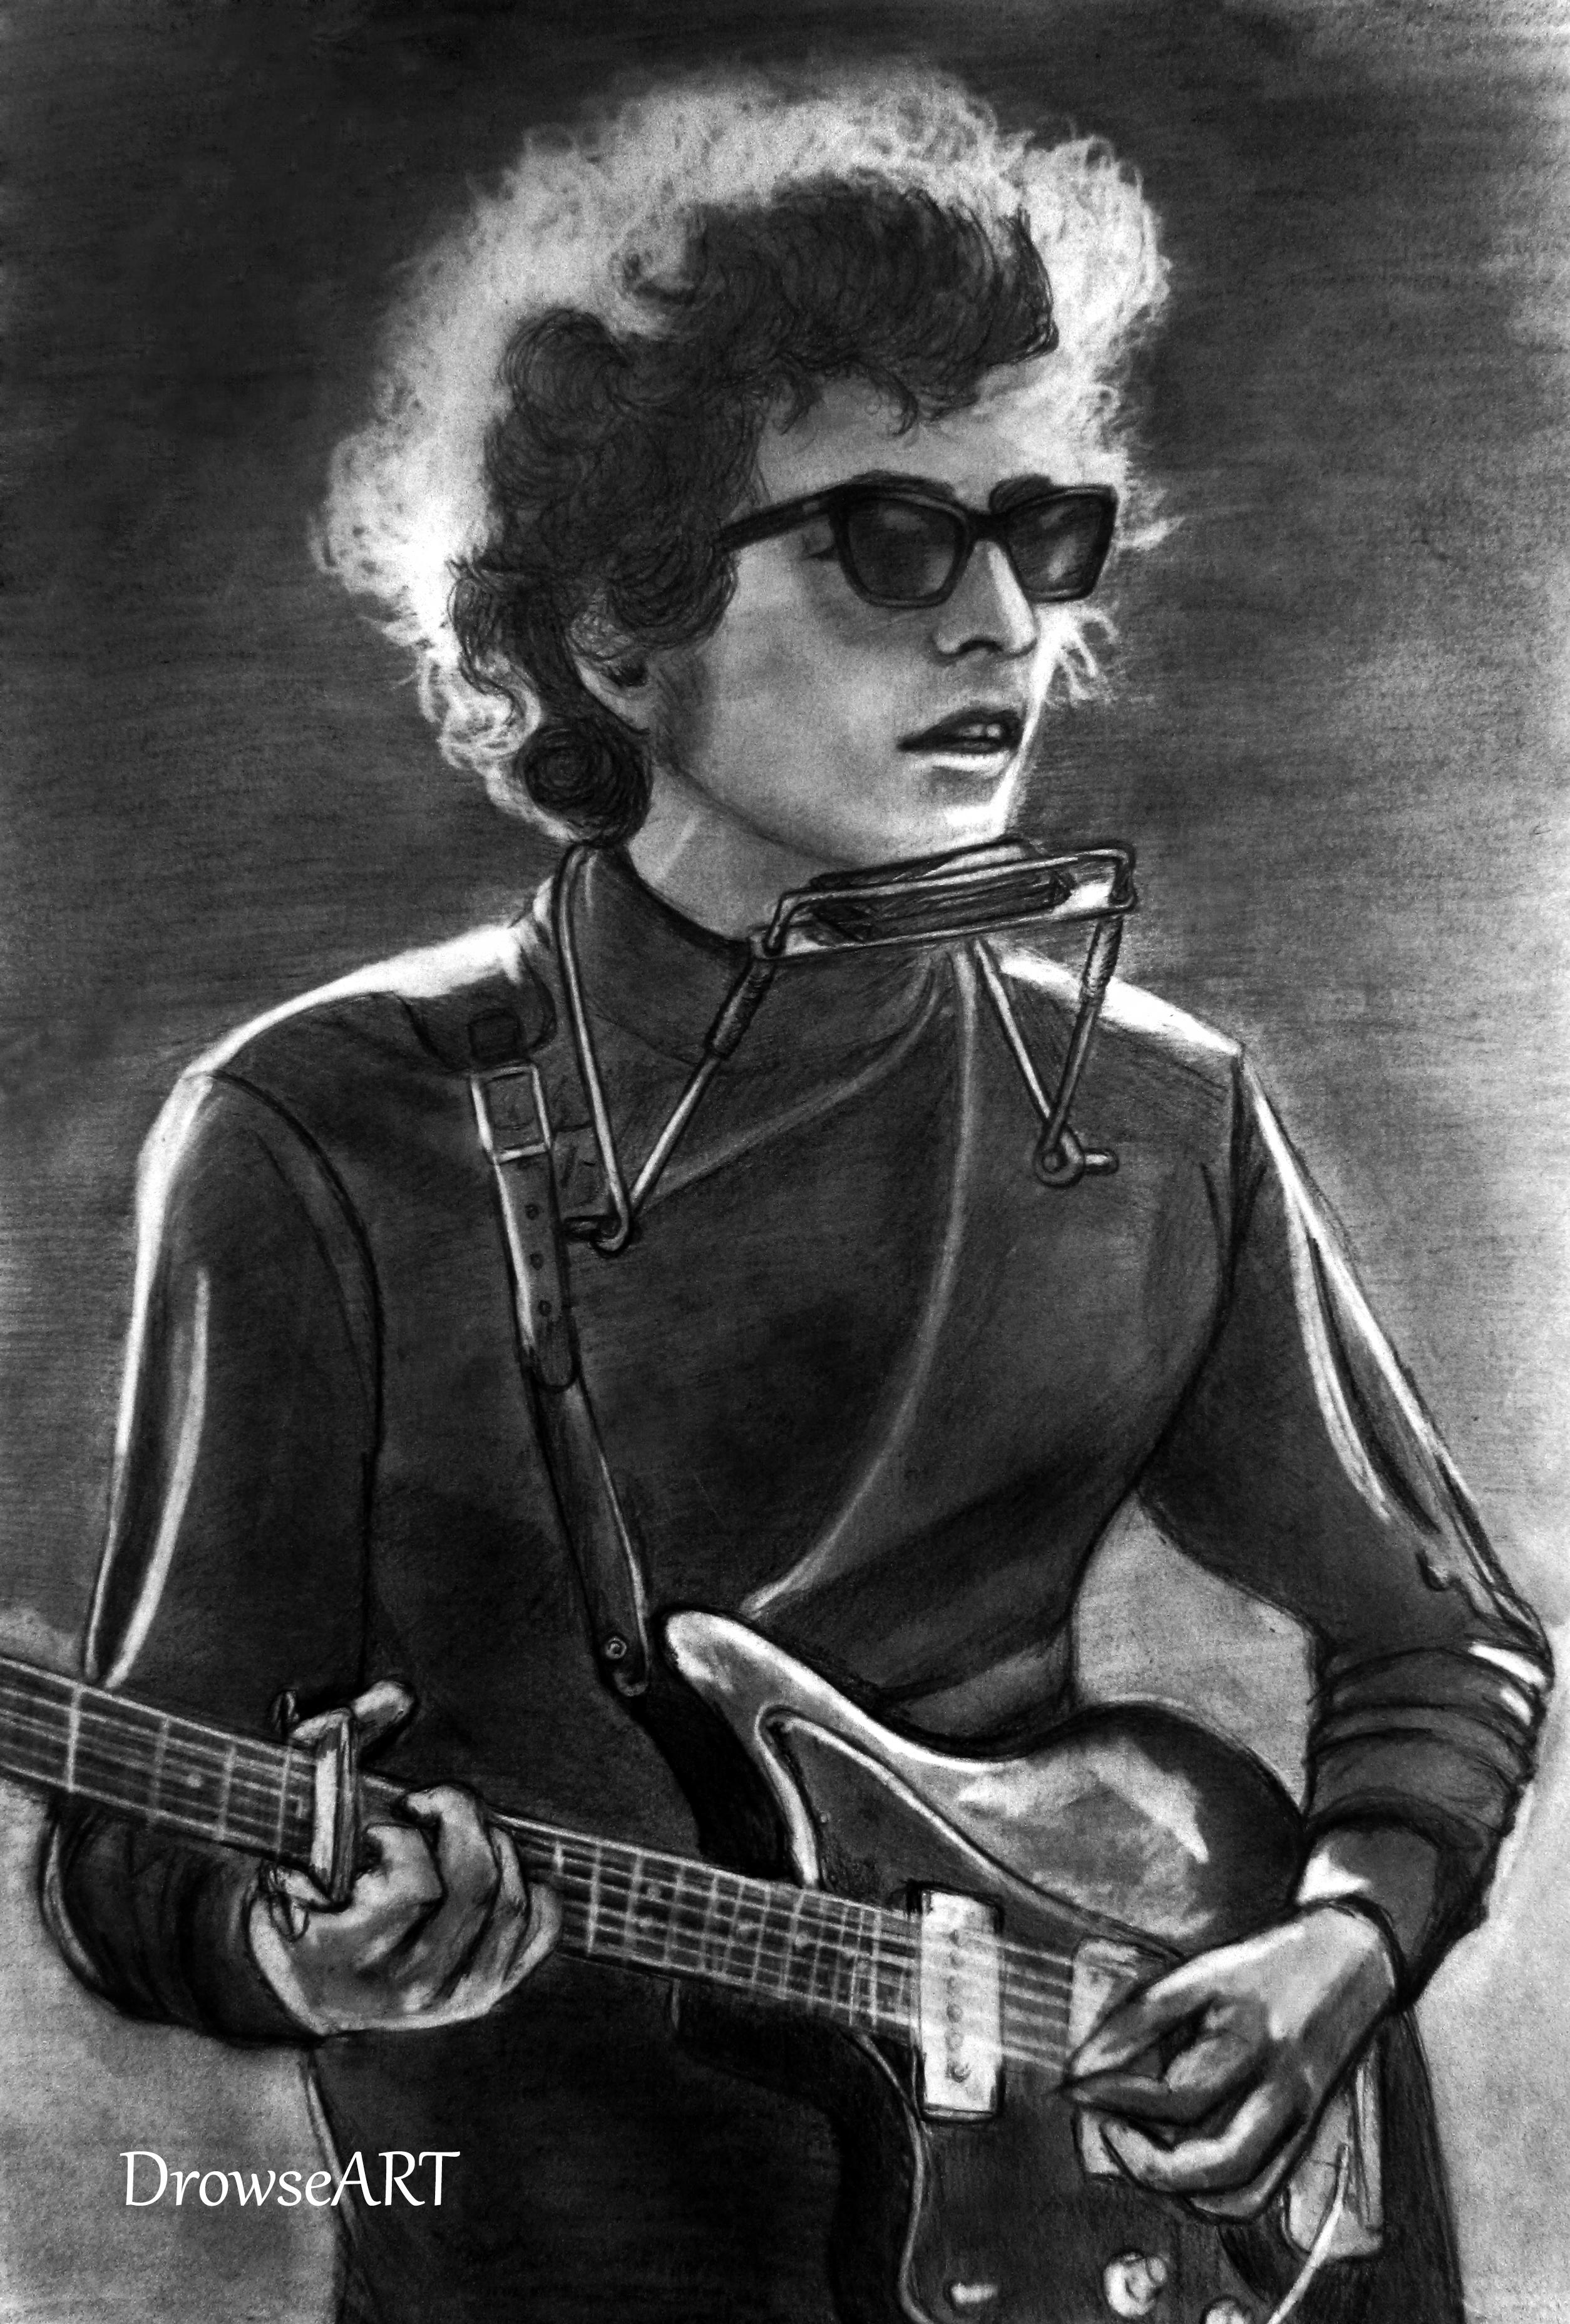 Bob Dylan By DrowseART